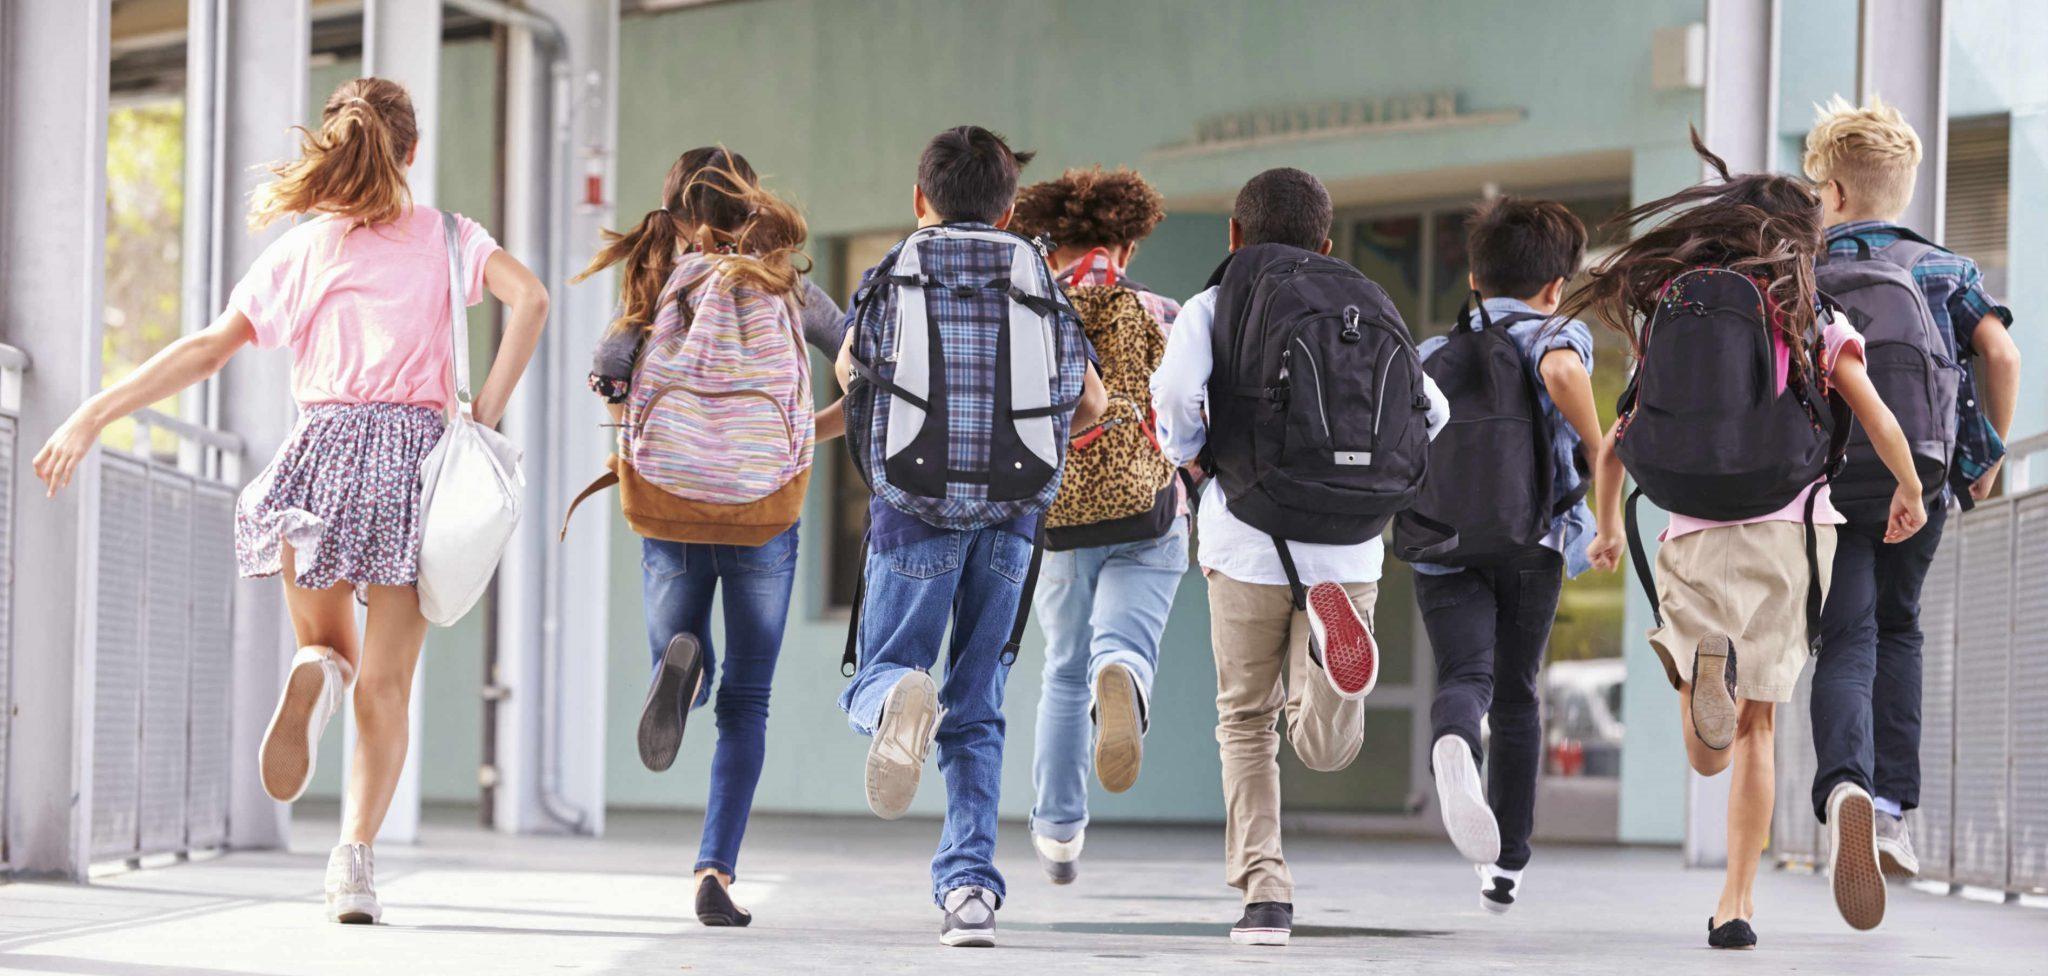 Provincia di Frosinone: Mezzo milione per riprendere la scuola in ambienti sicuri e confortevoli